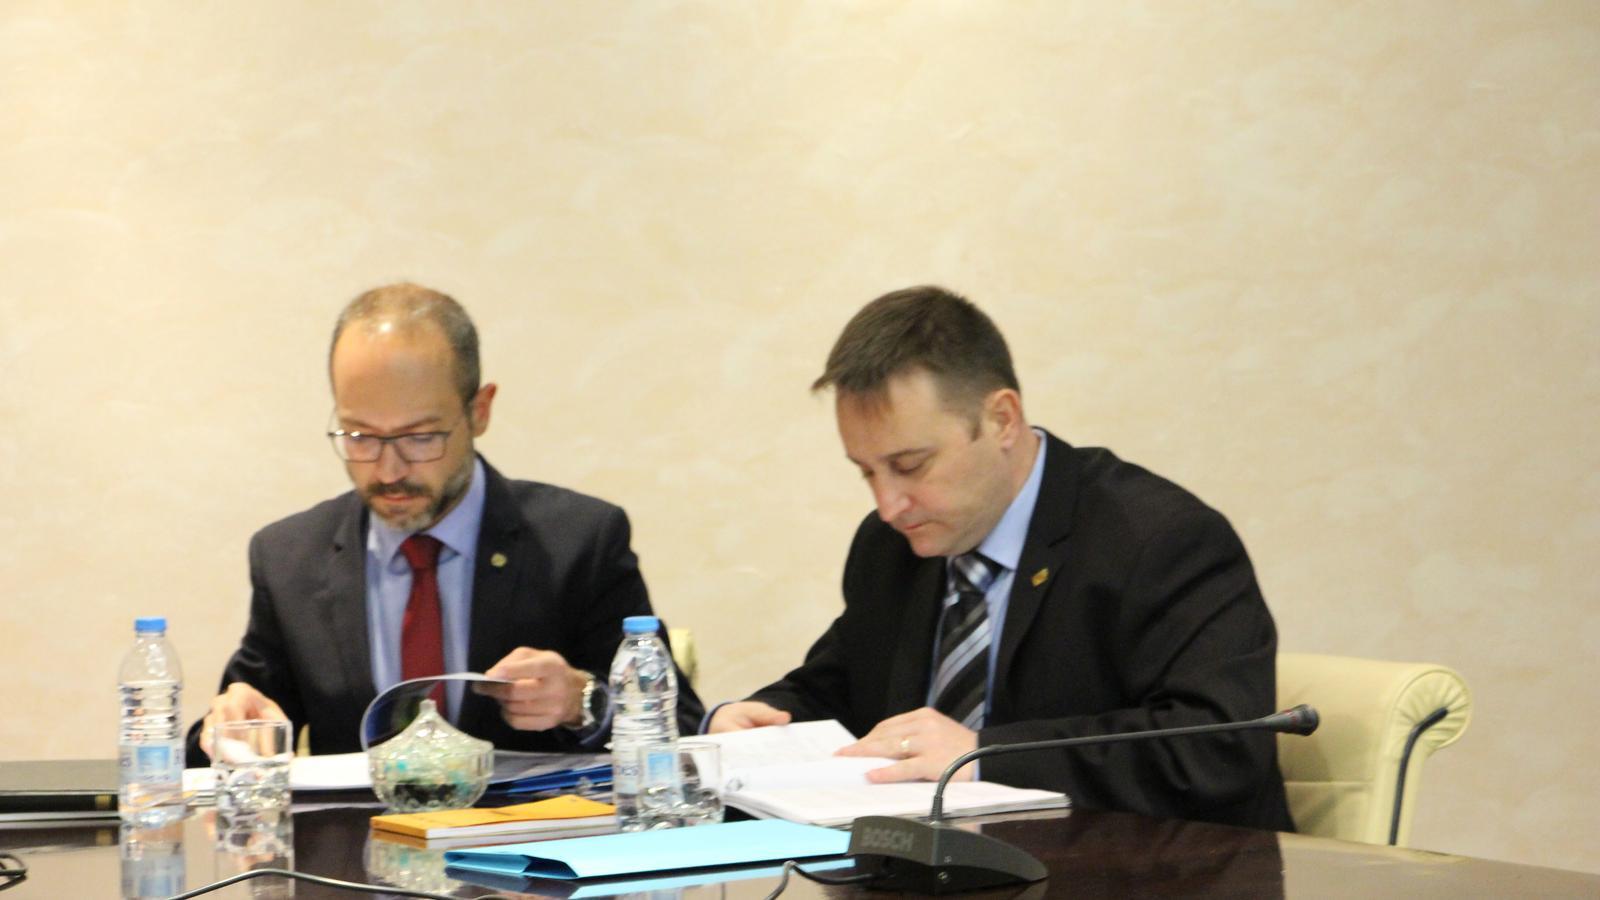 Els consellers del PS+Independents del comú d'Encamp, Joan Sans i Pere Marsenyach, en l'última sessió de consell. / E. J. M. (ANA)